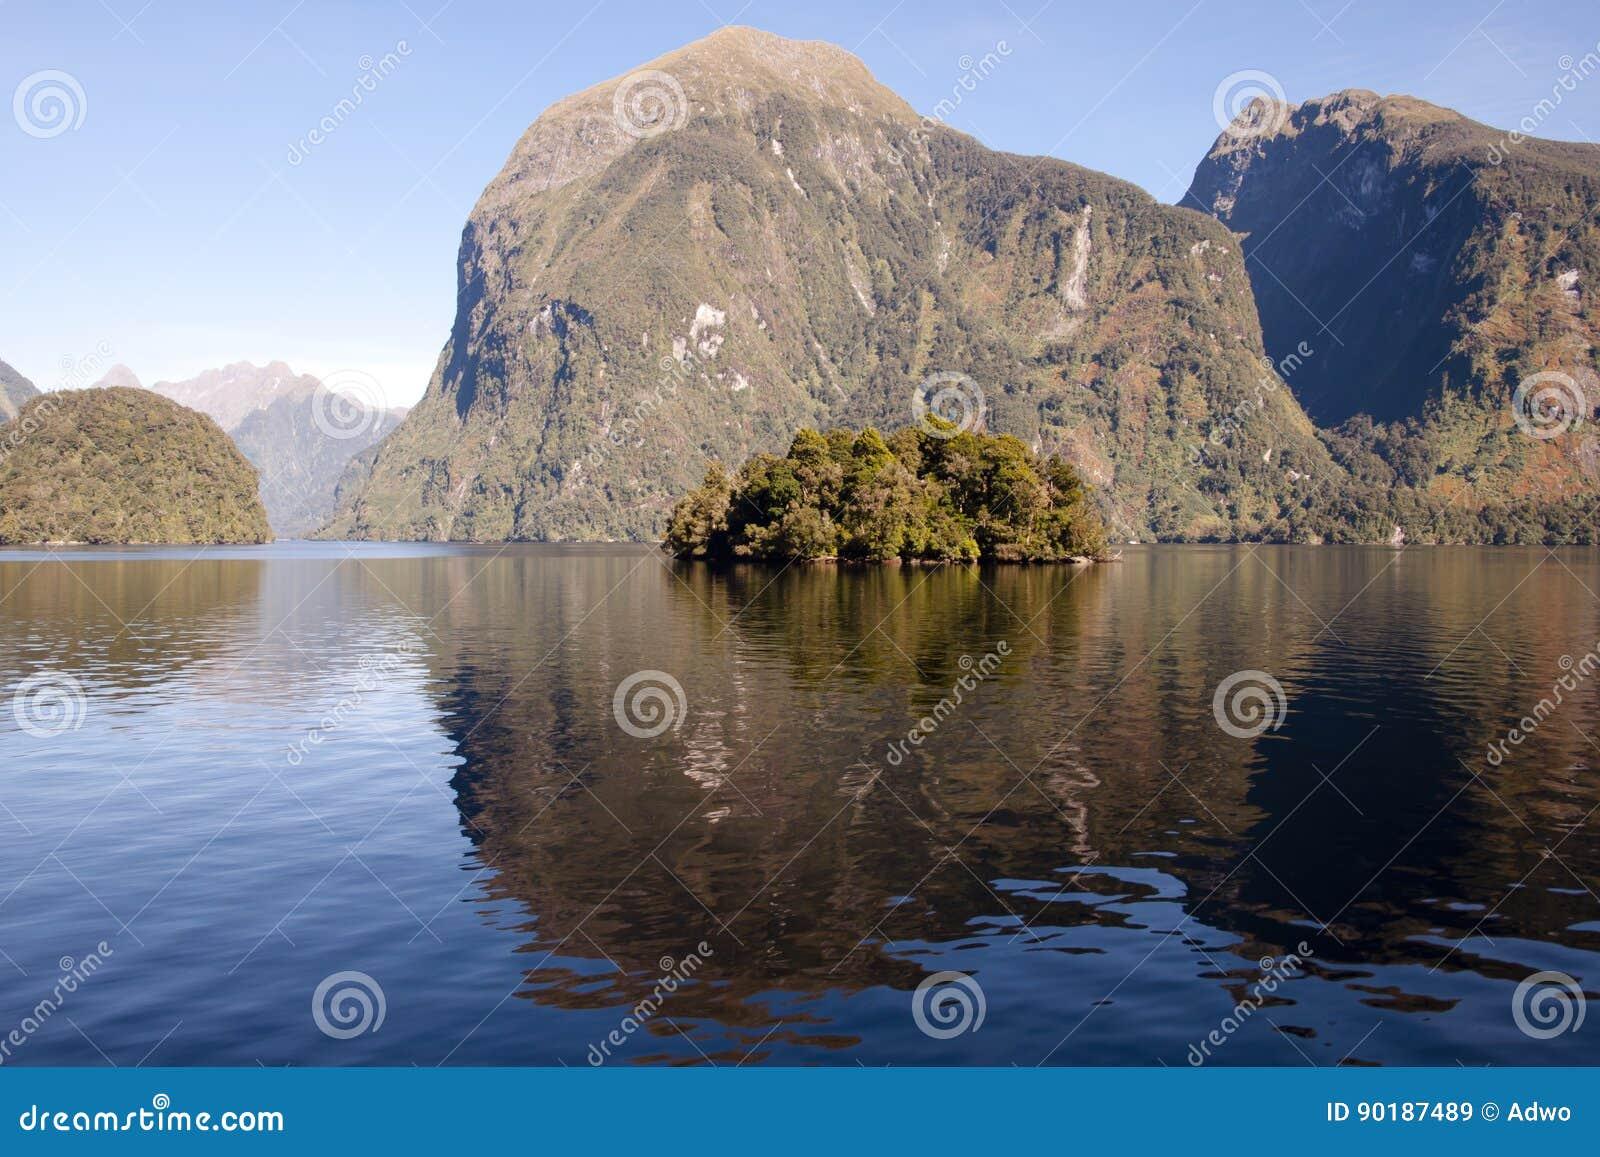 Sonido dudoso - Nueva Zelanda